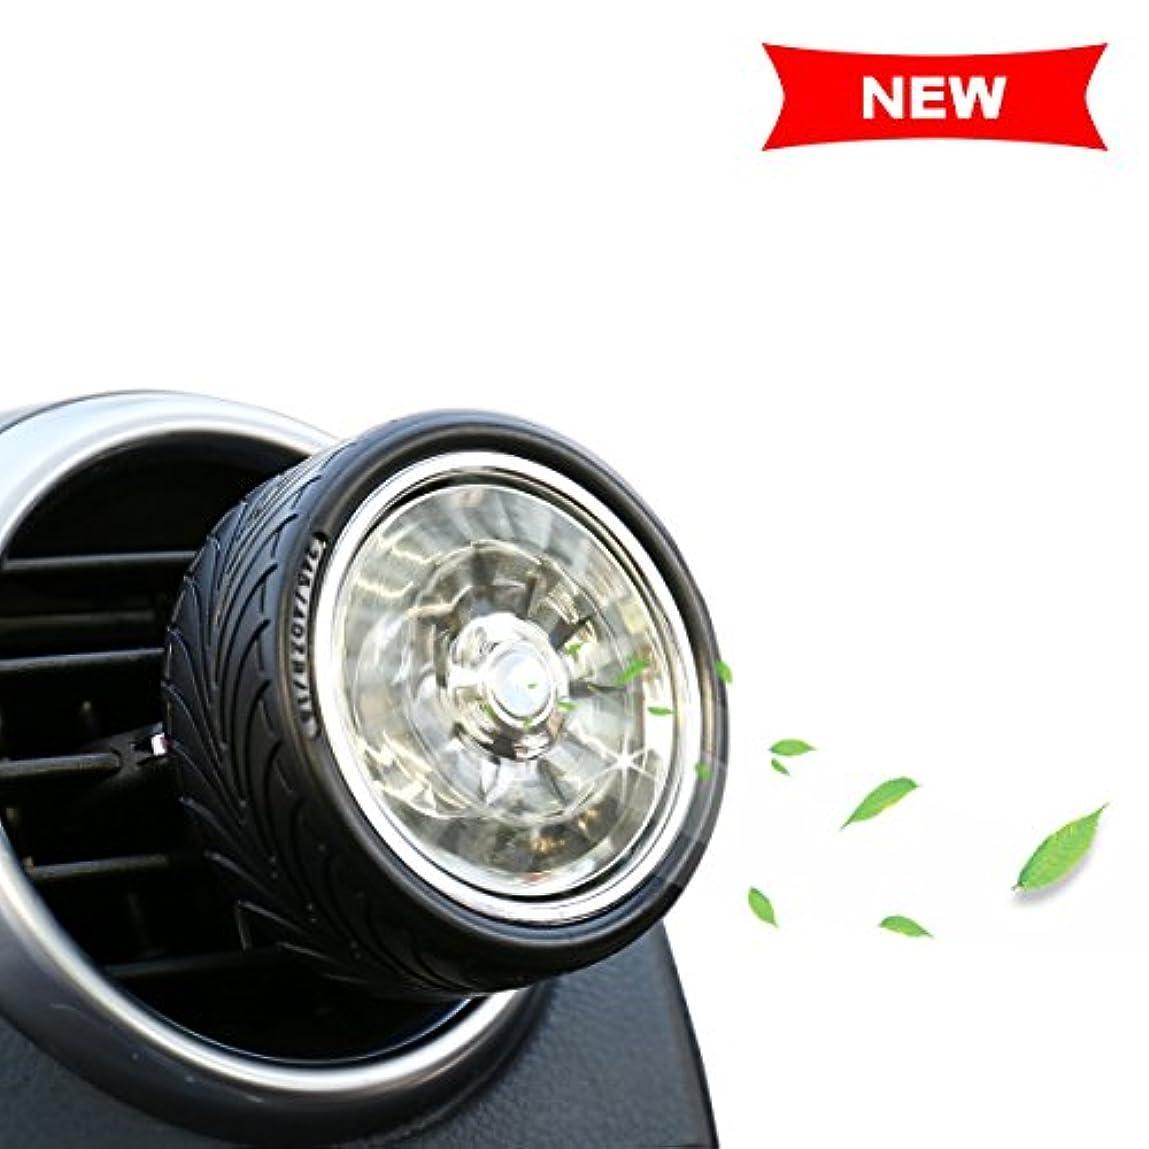 テキスト性交取り替えるAromatherapy Essential Oil Diffuser Car Air Freshener匂い、煙、臭気削除イオンエアークリーナー、シガレット、ほこり、なアクセサリーの自動車/ RV &車ギフト| CE、...